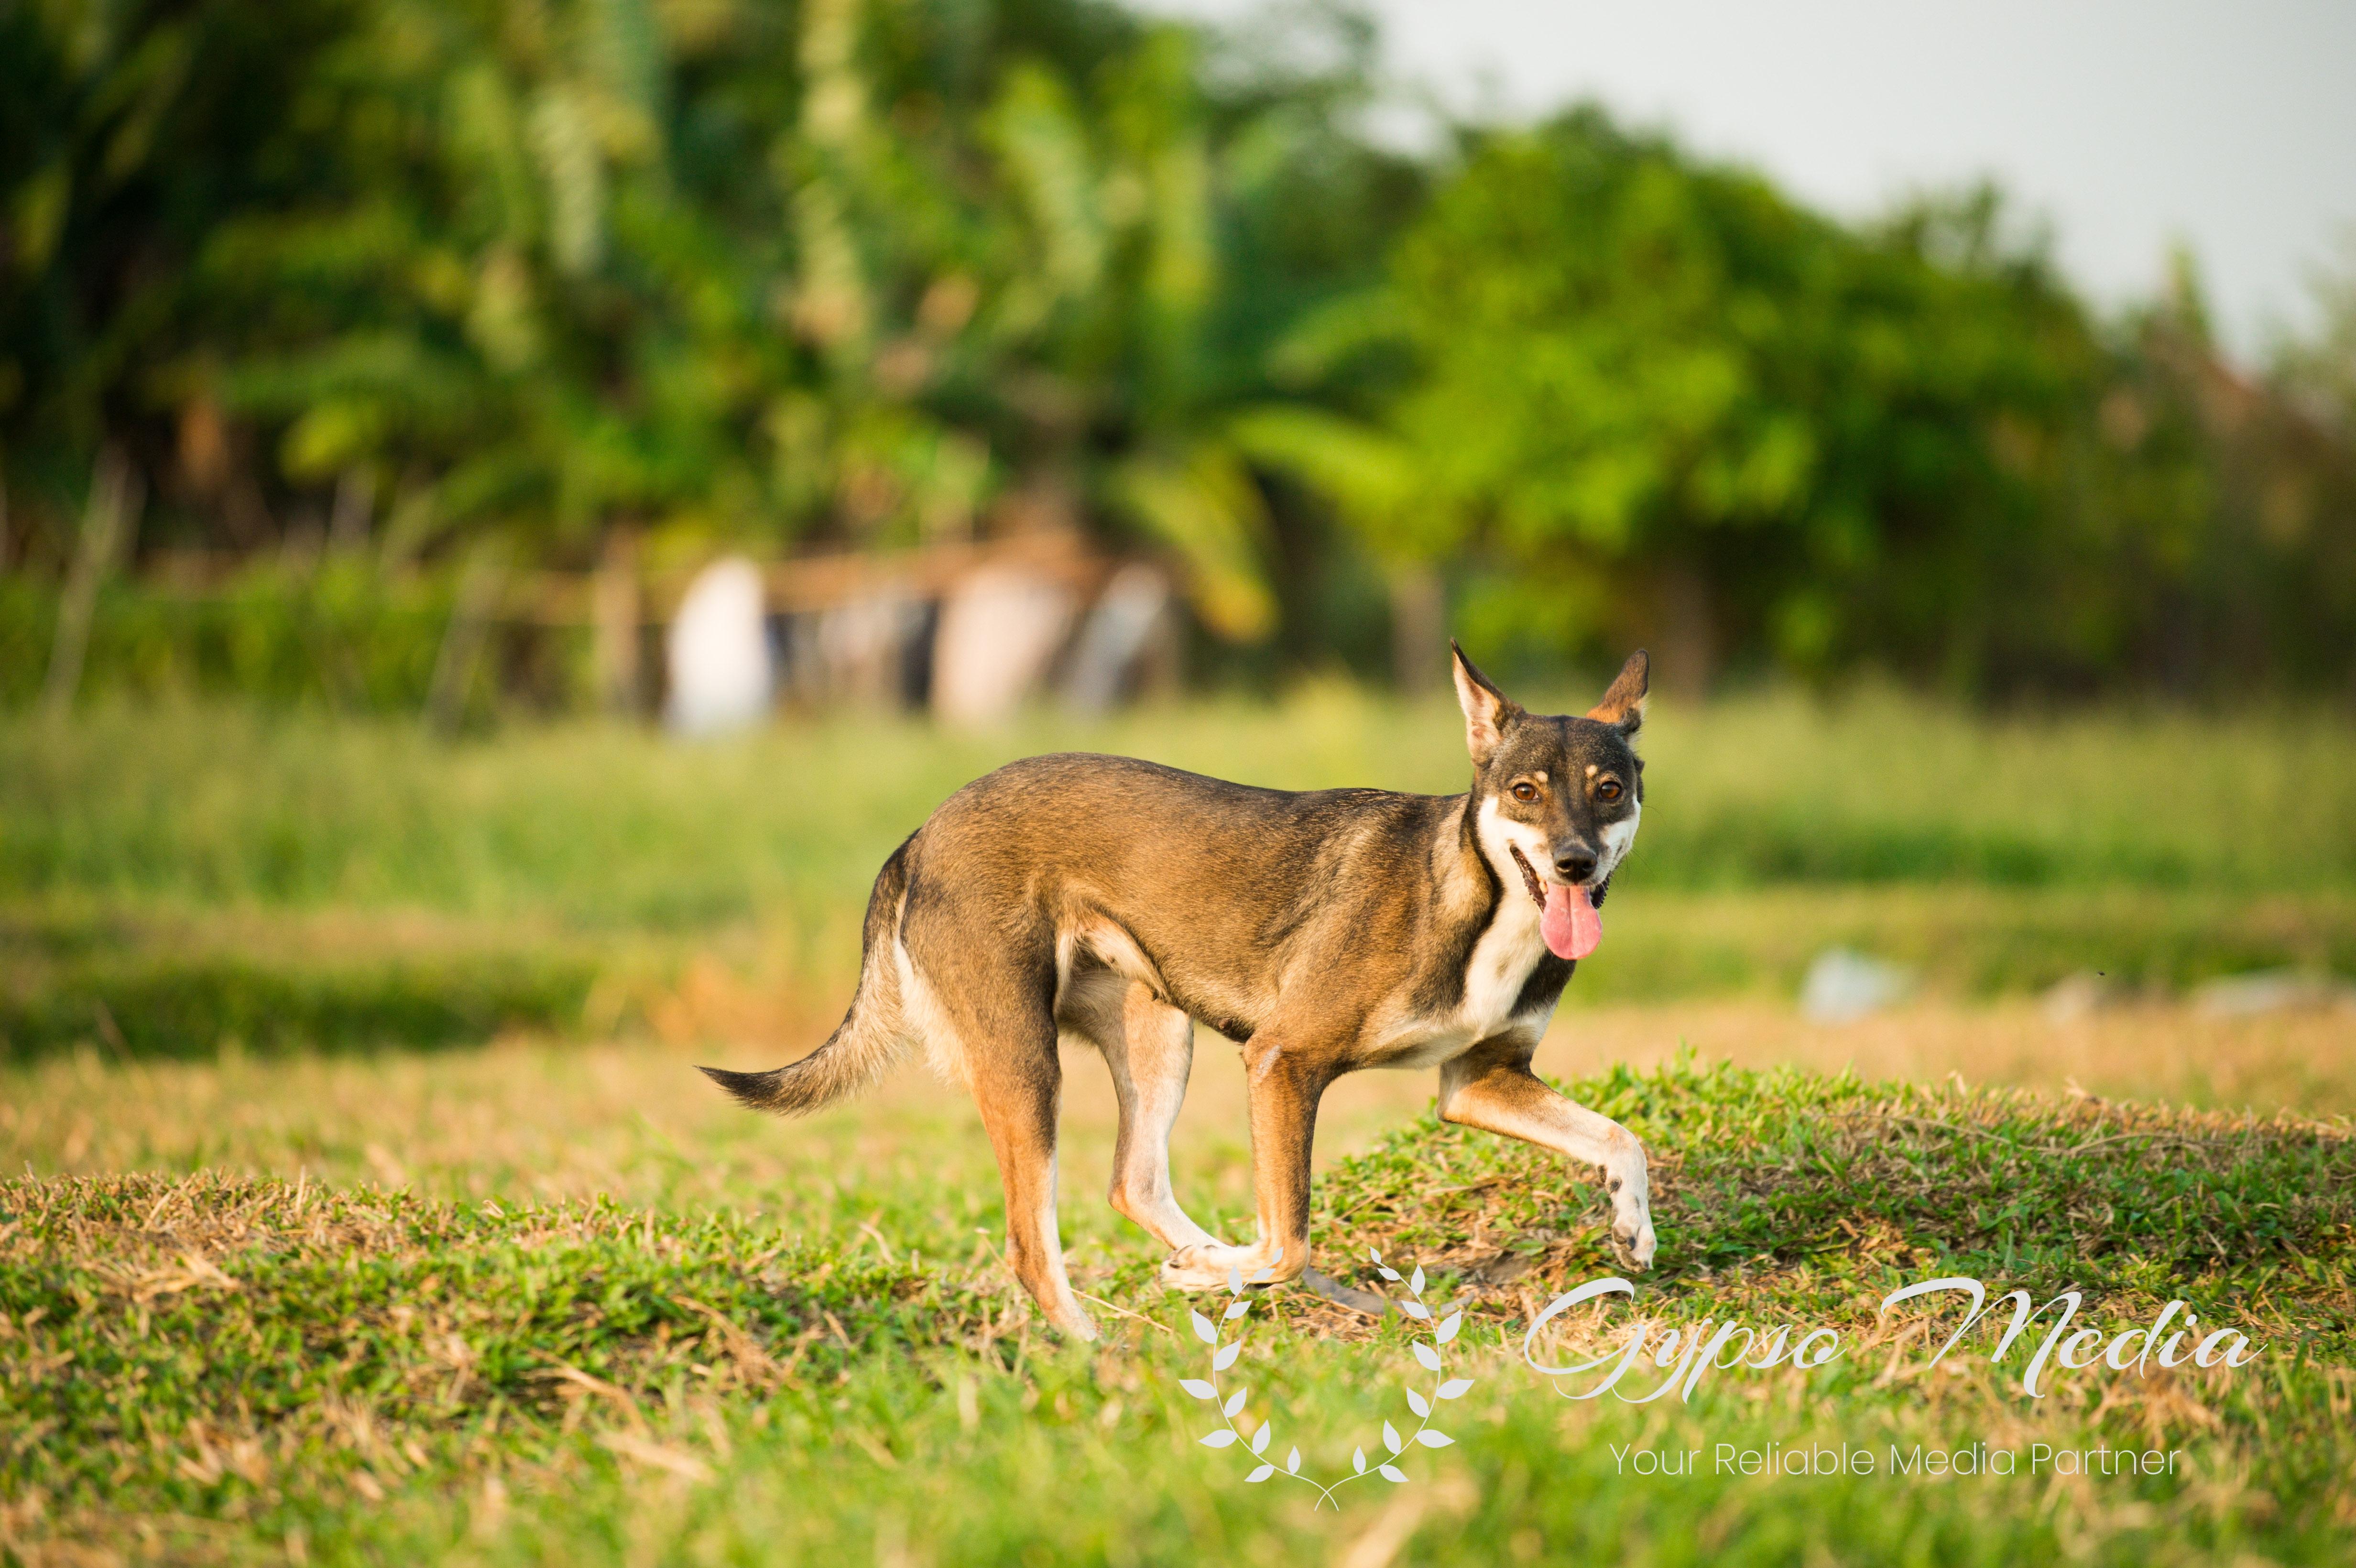 Pet Photography Singapore | Pet Photoshoot Singapore